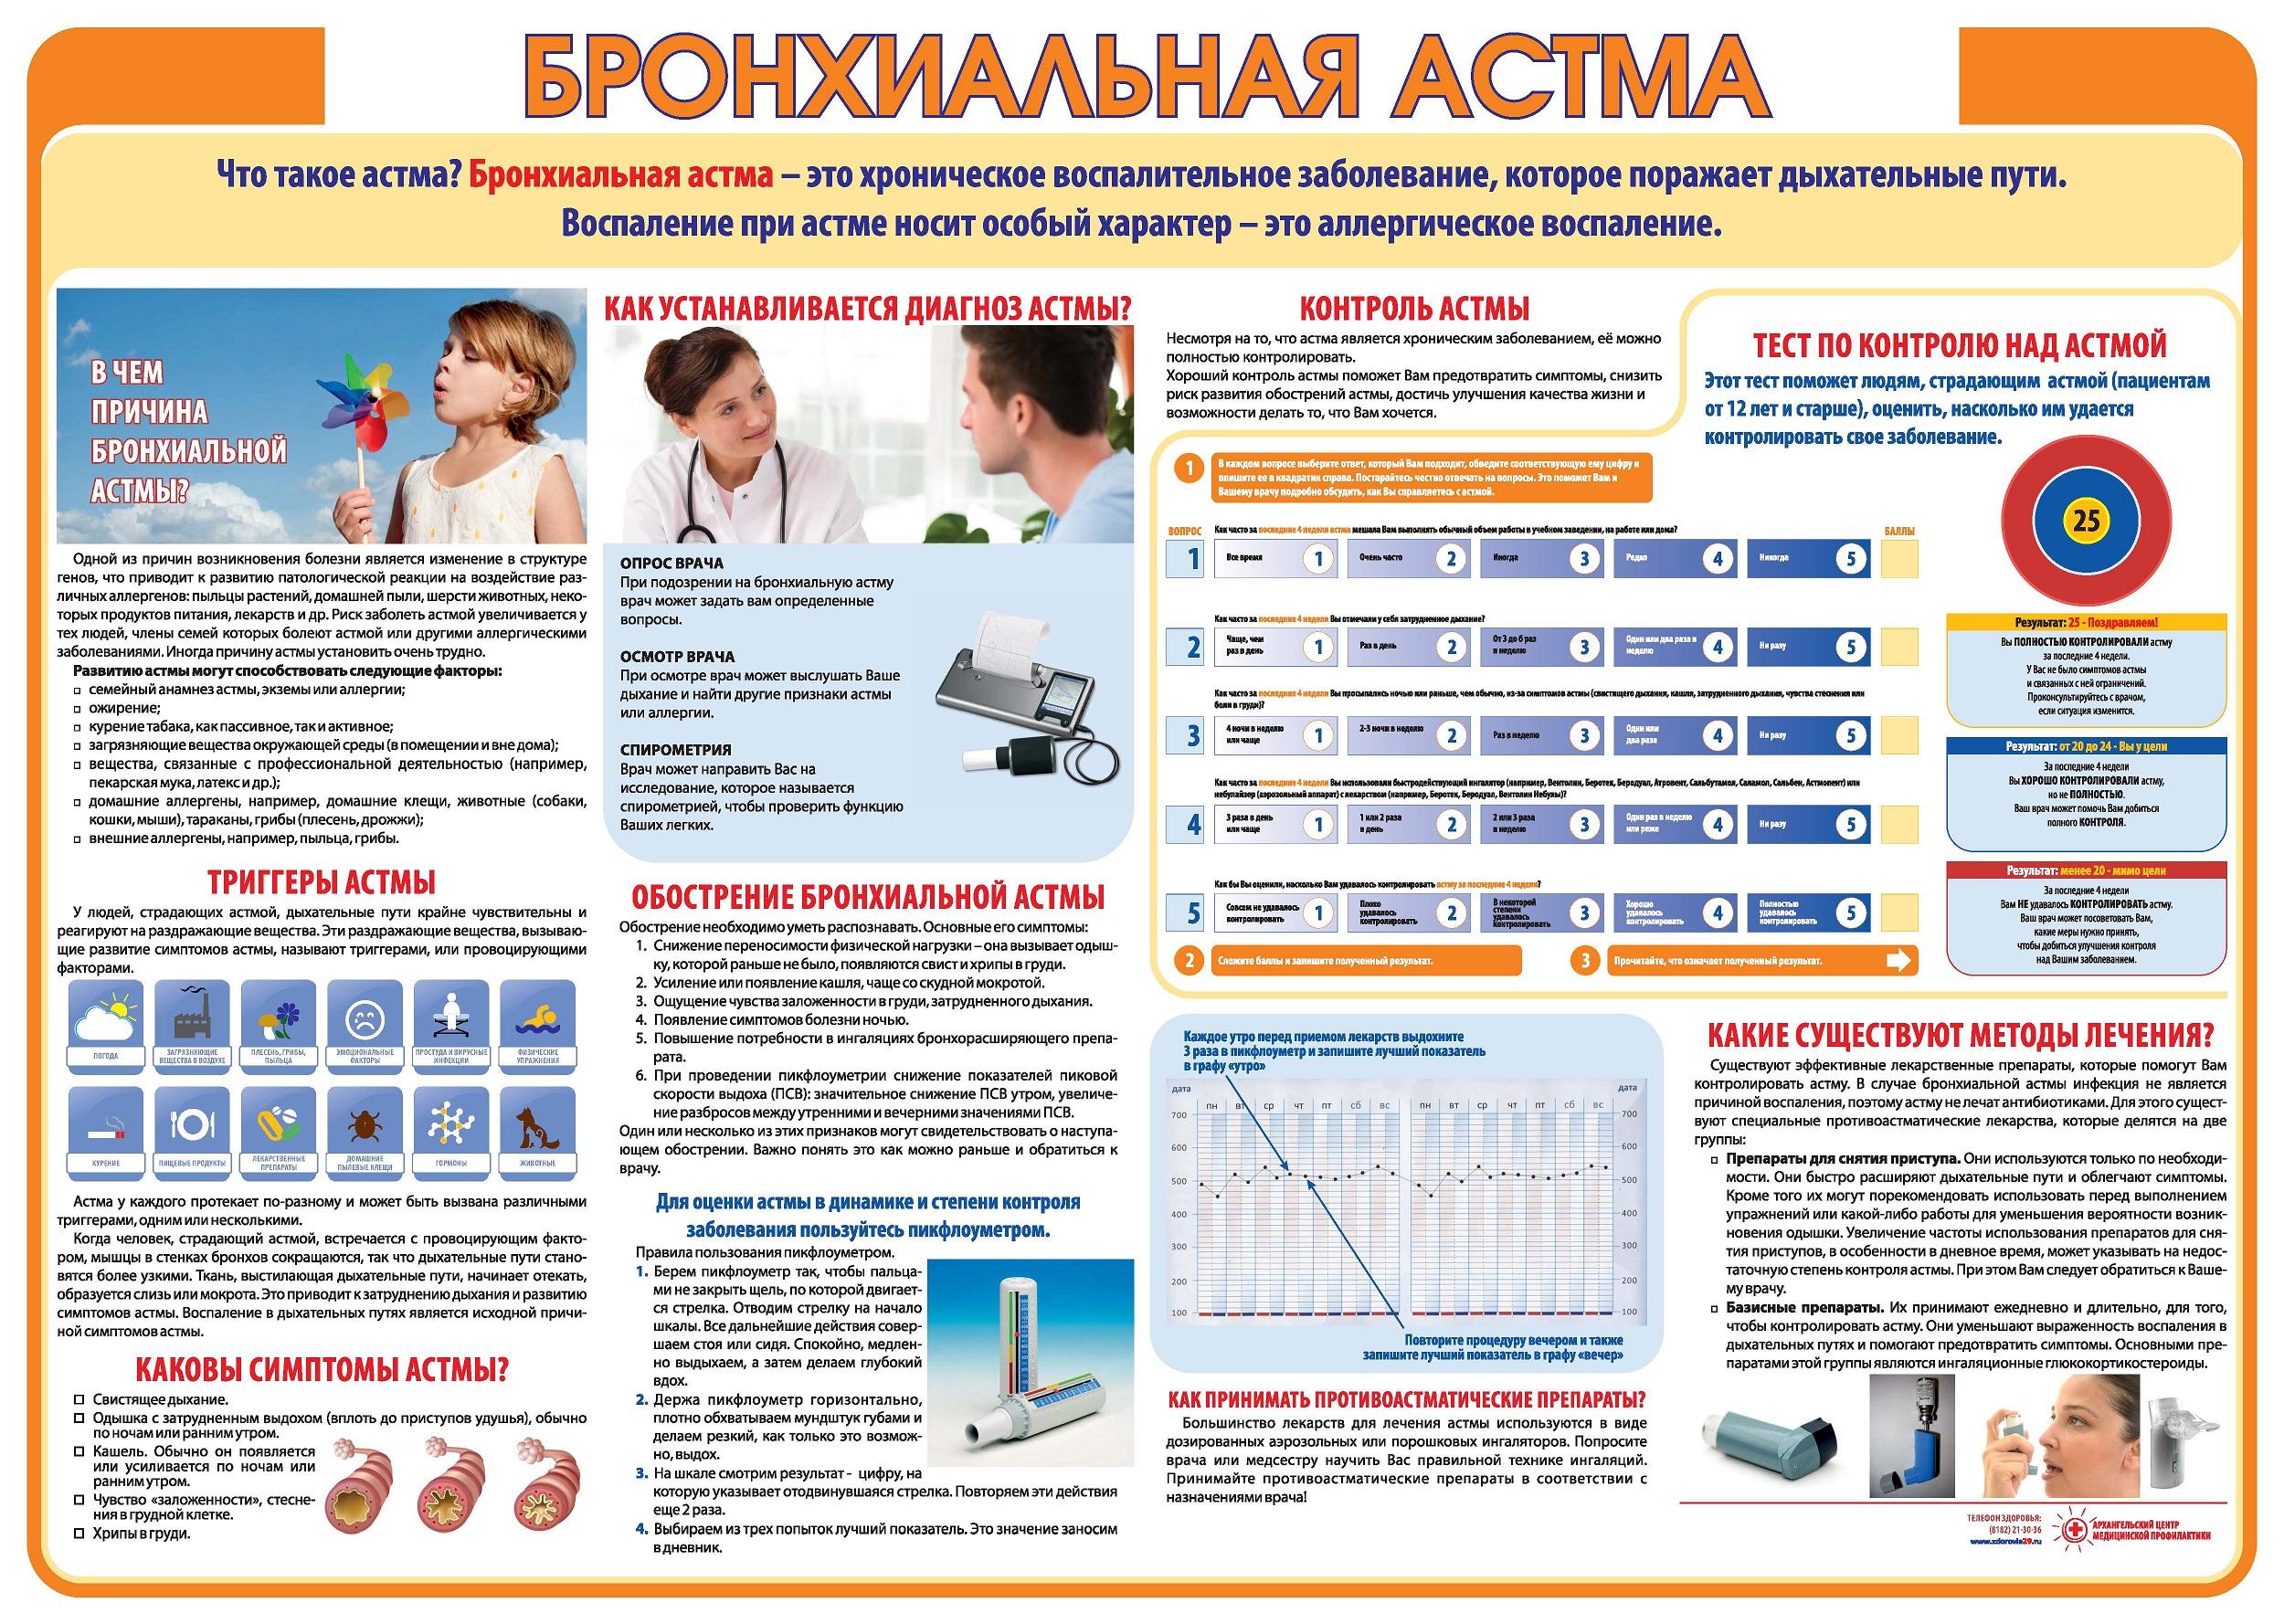 Таблица статистики по бронхиальной астме